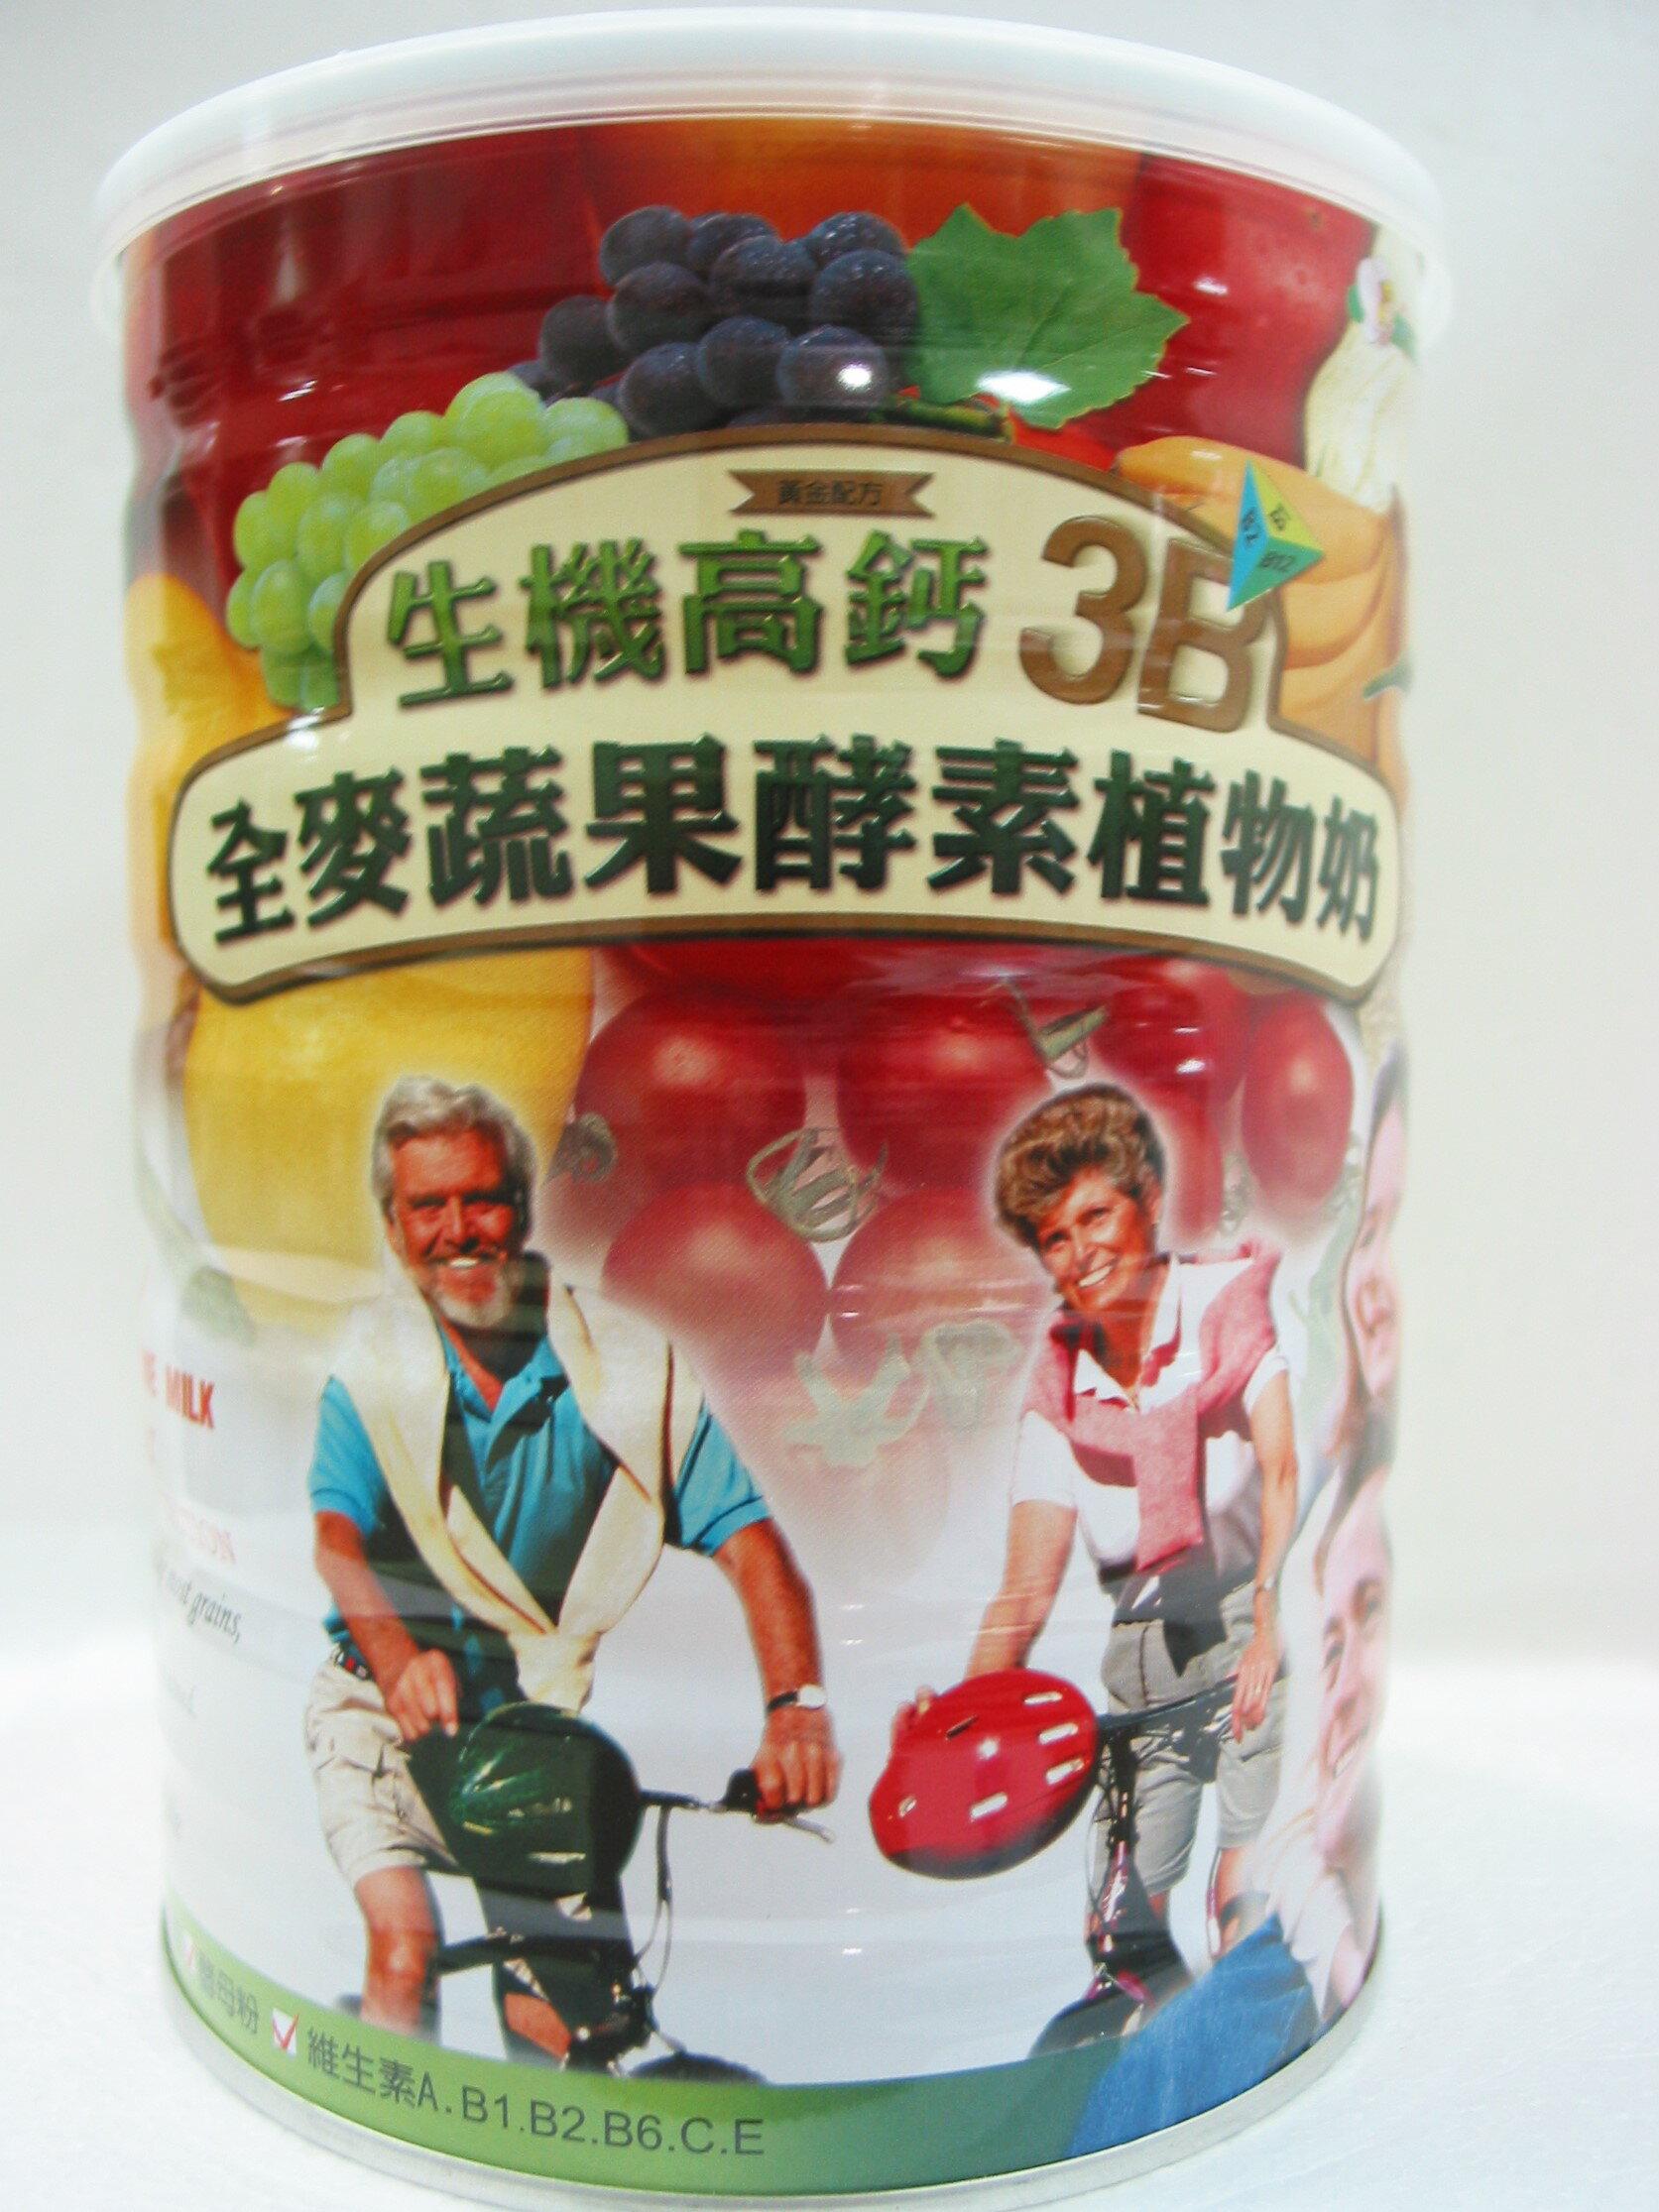 大熊健康~3B生機高鈣全麥蔬果酵素植物奶760公克/罐* 2罐